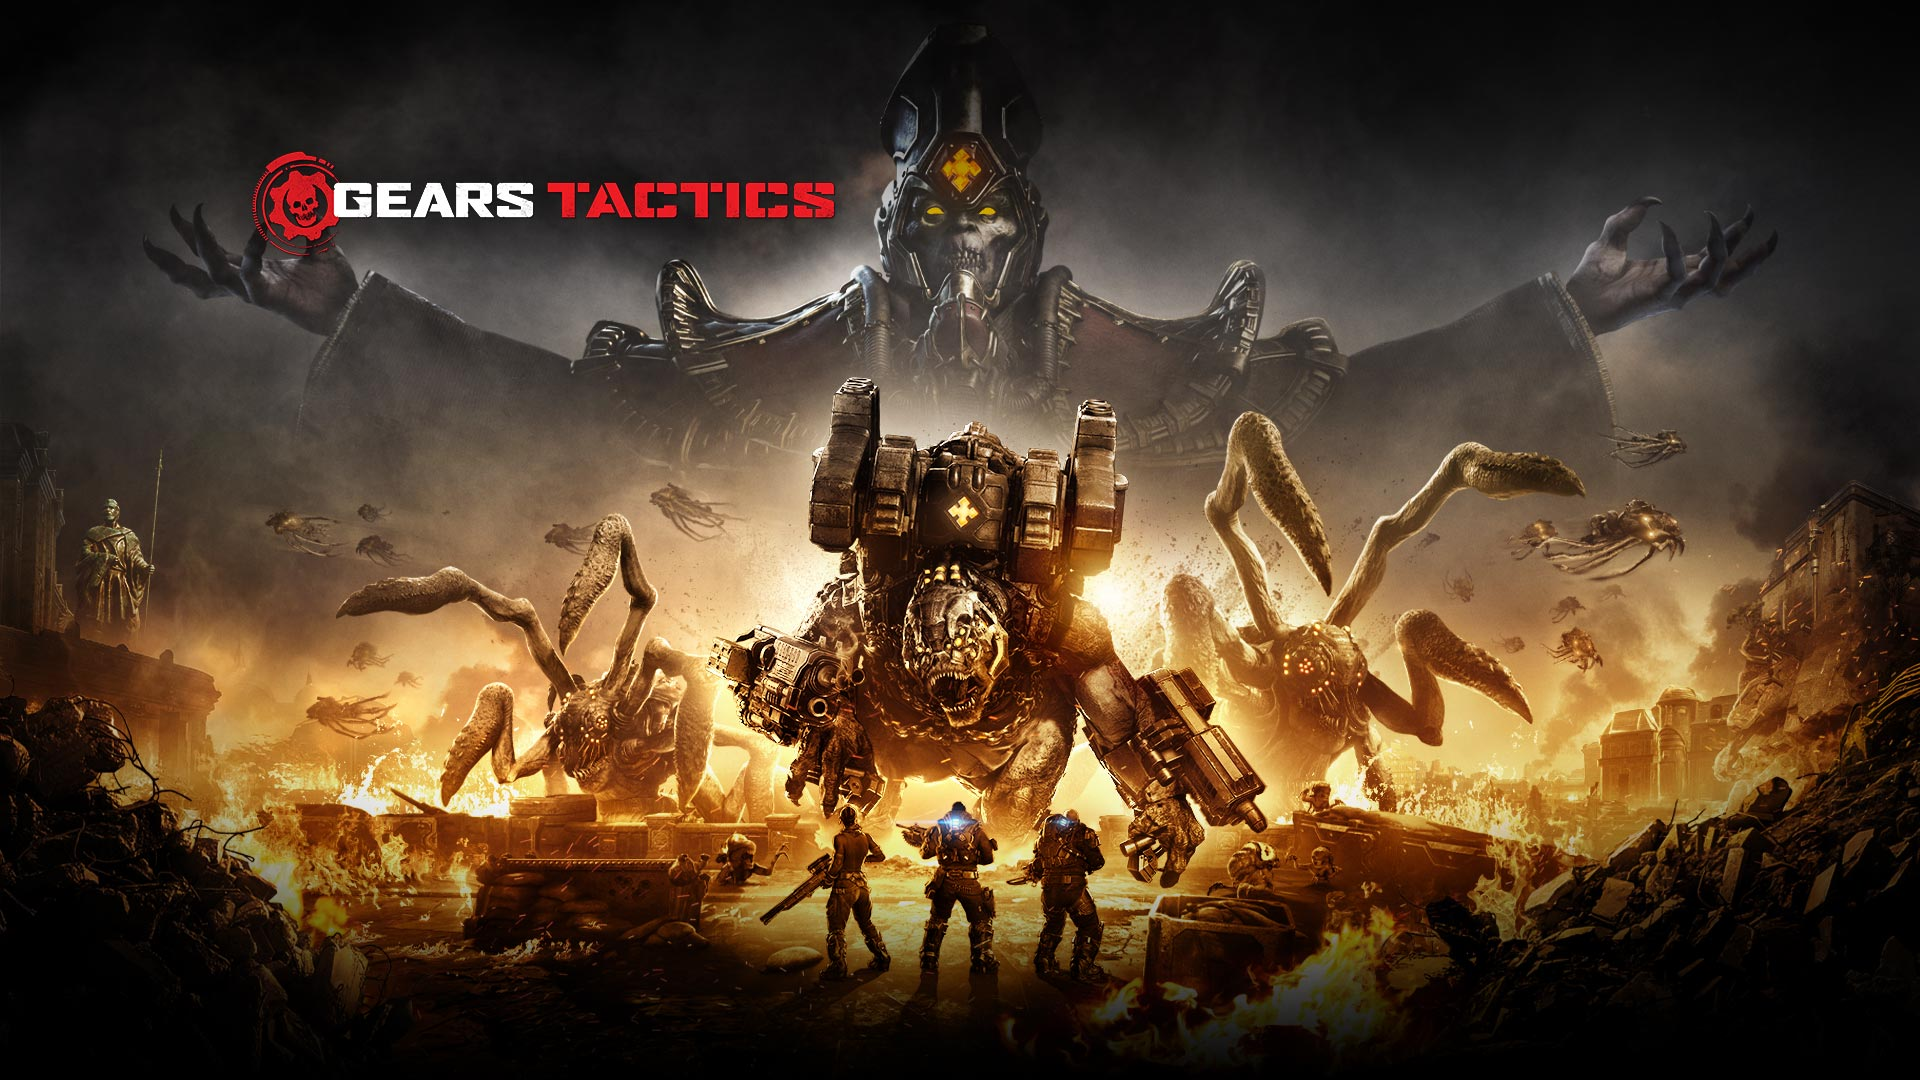 تاریخ عرضه بازی Gears Tactics مشخص شد